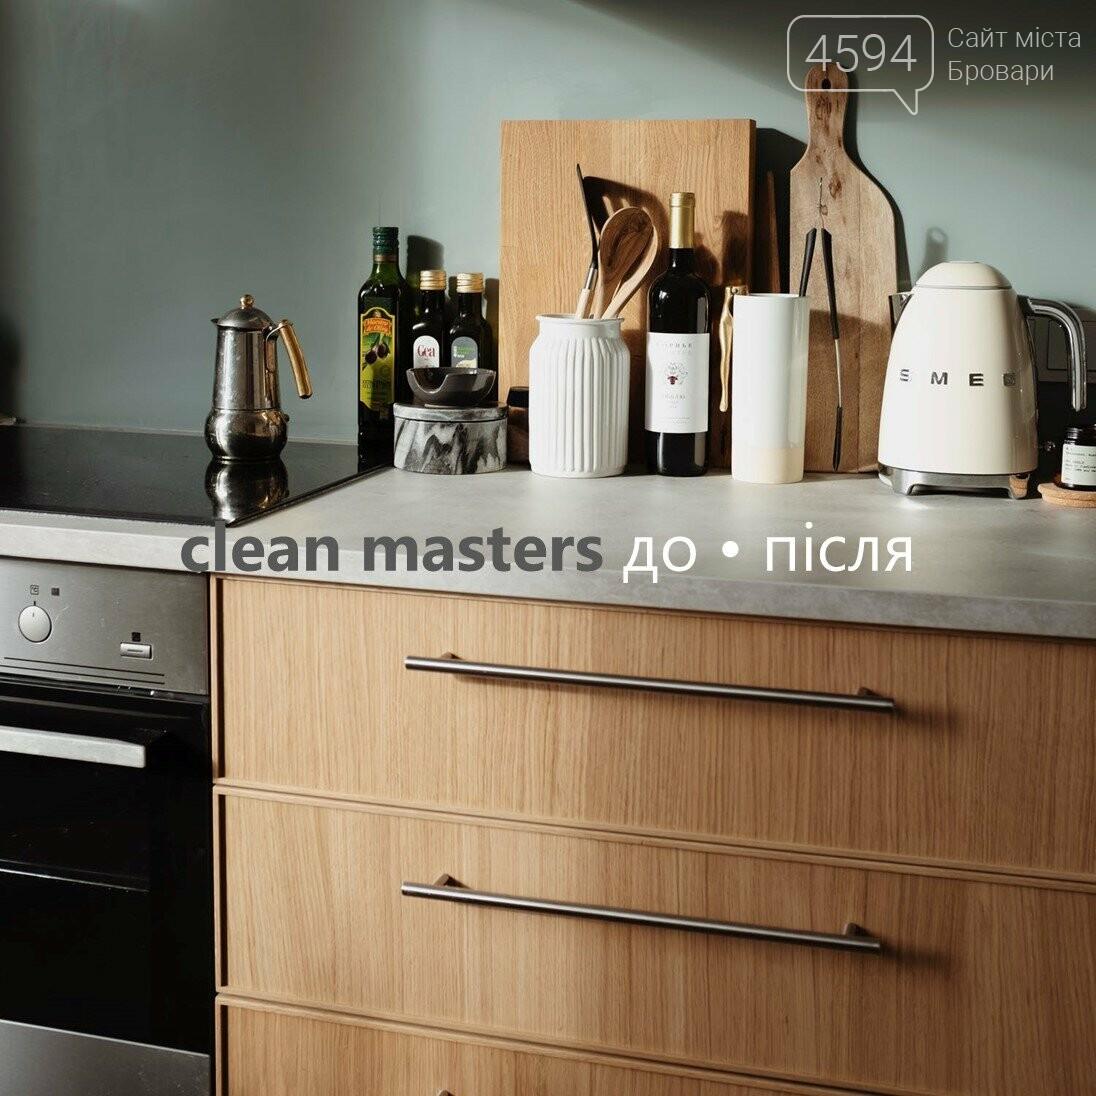 Професійне прибирання квартири, будинку, офісу, фото-4